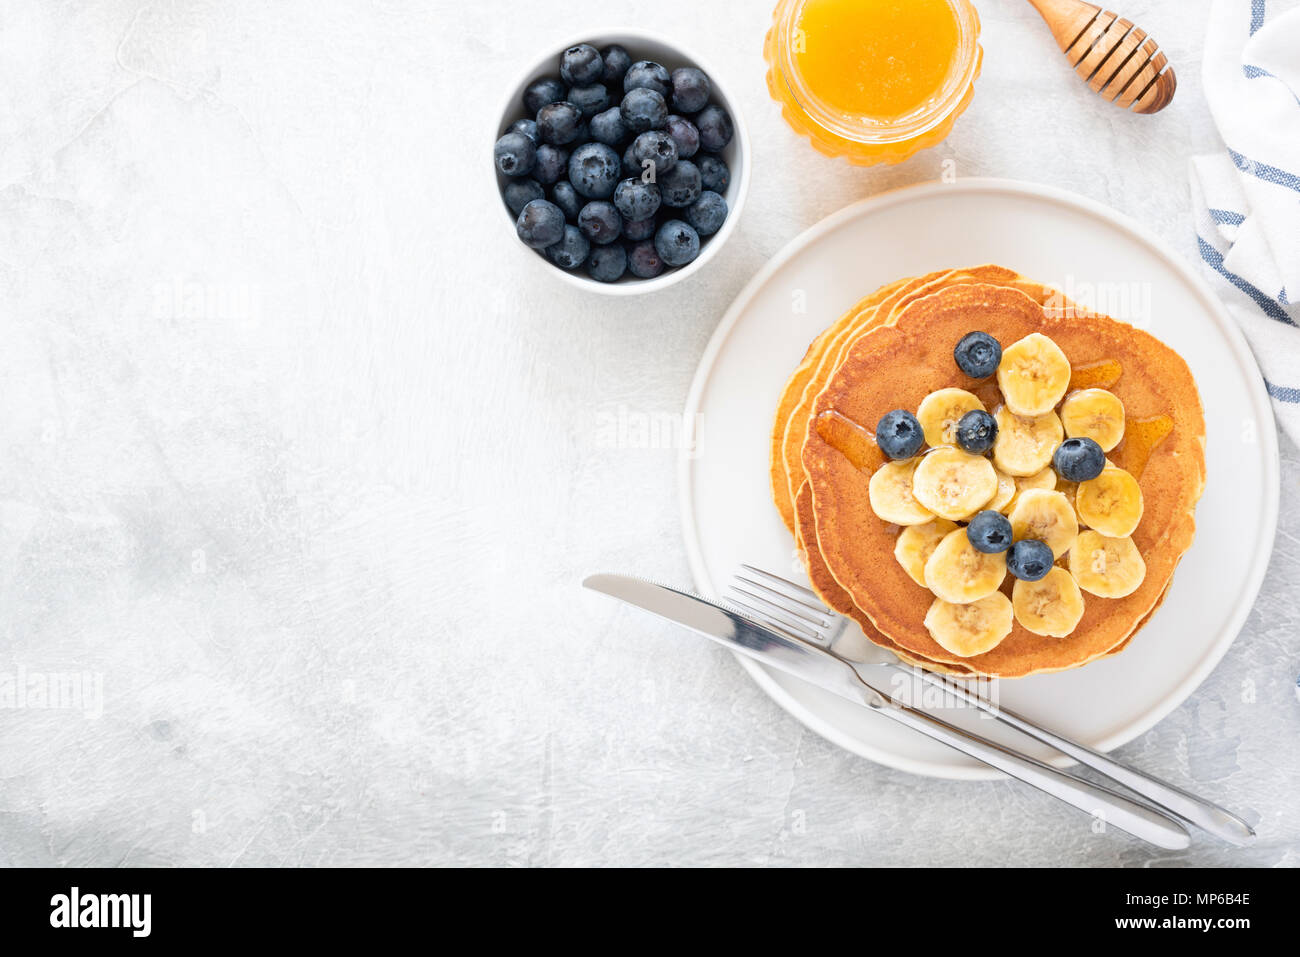 Banana Crêpes au babeurre, de bleuets et de miel sur fond de béton. Vue de dessus et copiez l'espace pour le texte. Vue de dessus de crêpes aux fruits rouges sur Photo Stock